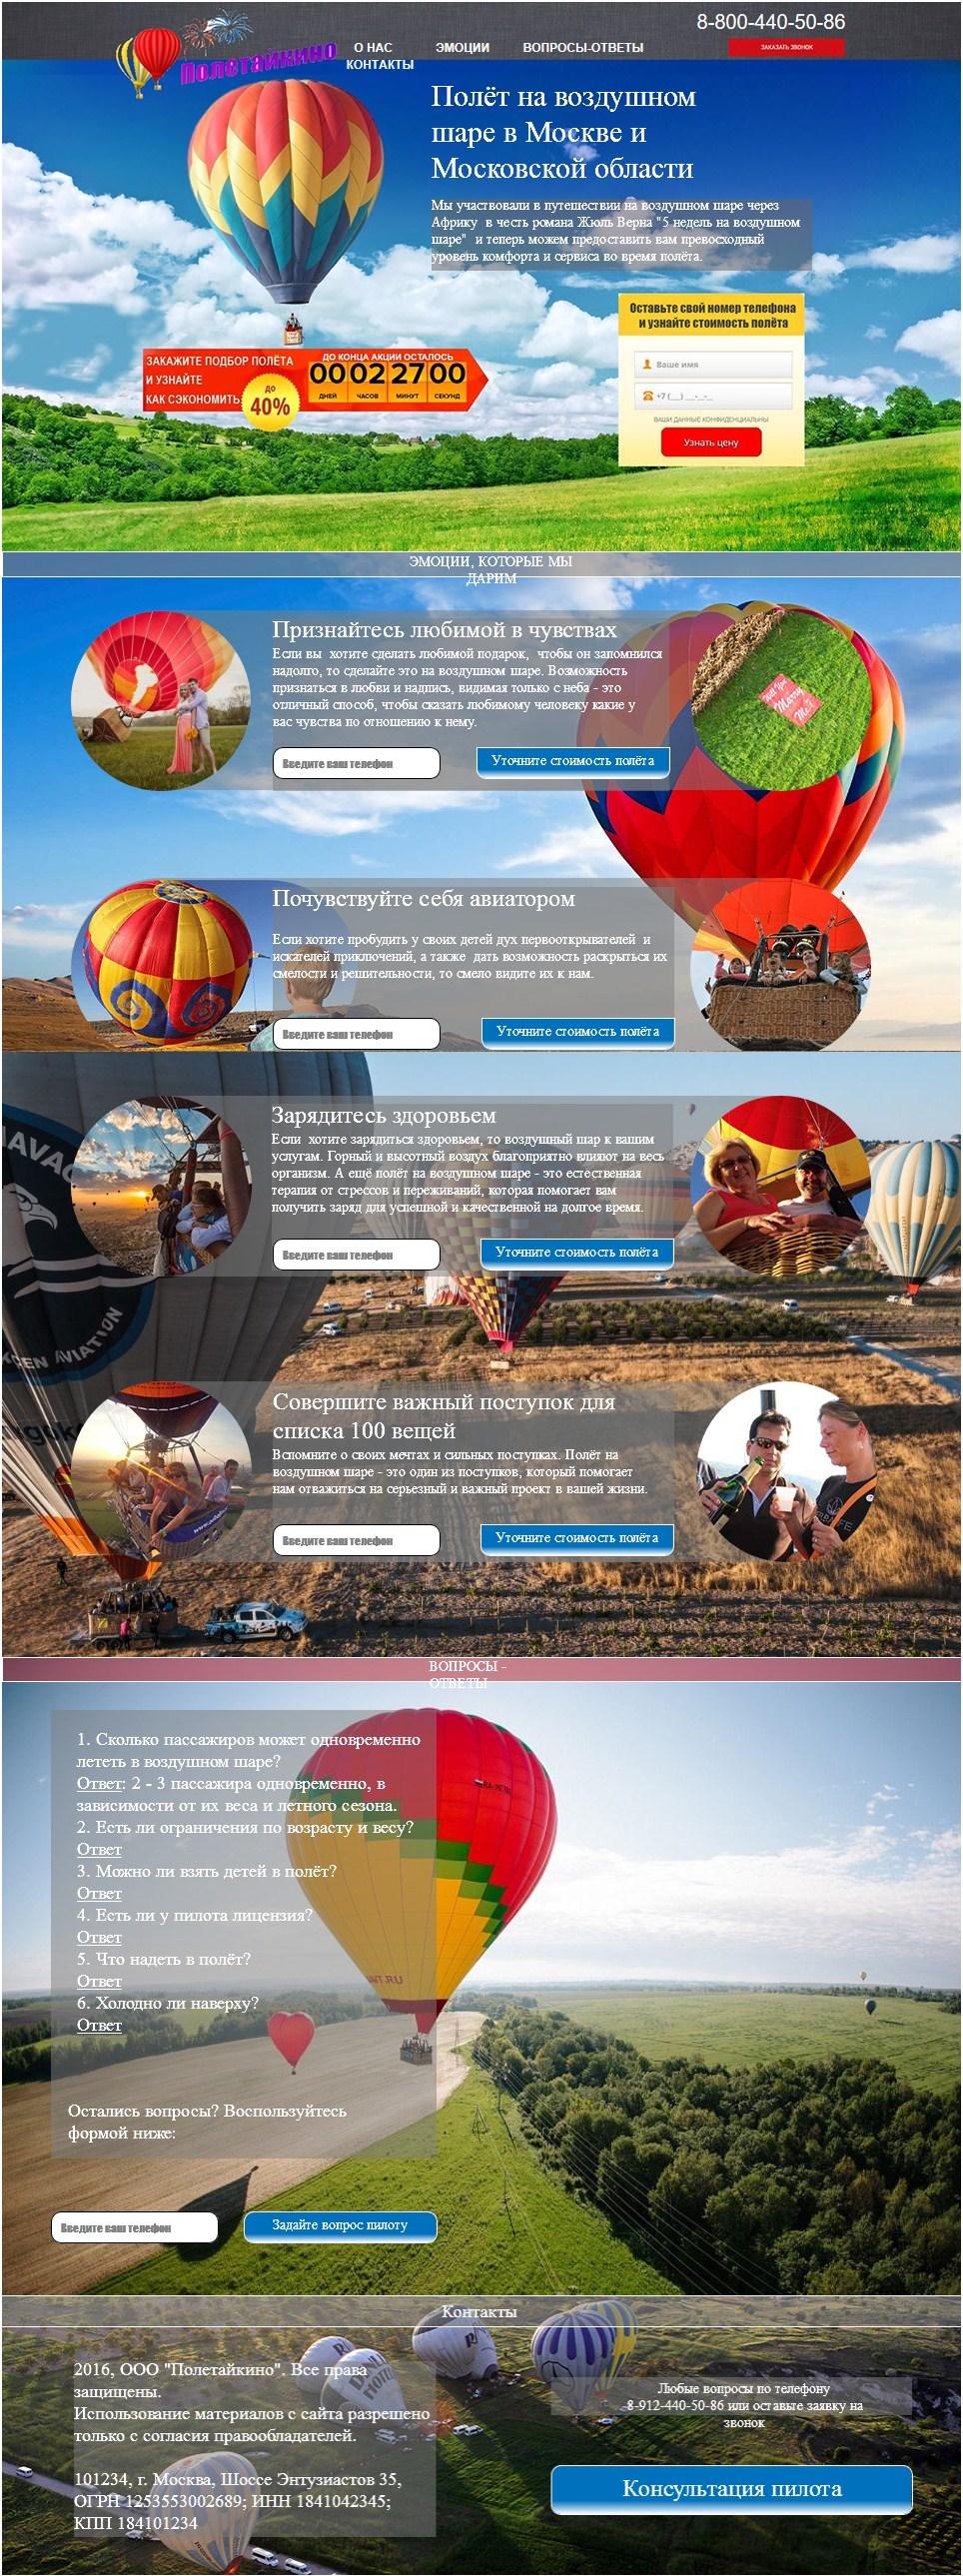 Сайт для продаже полётов на воздушном шаре